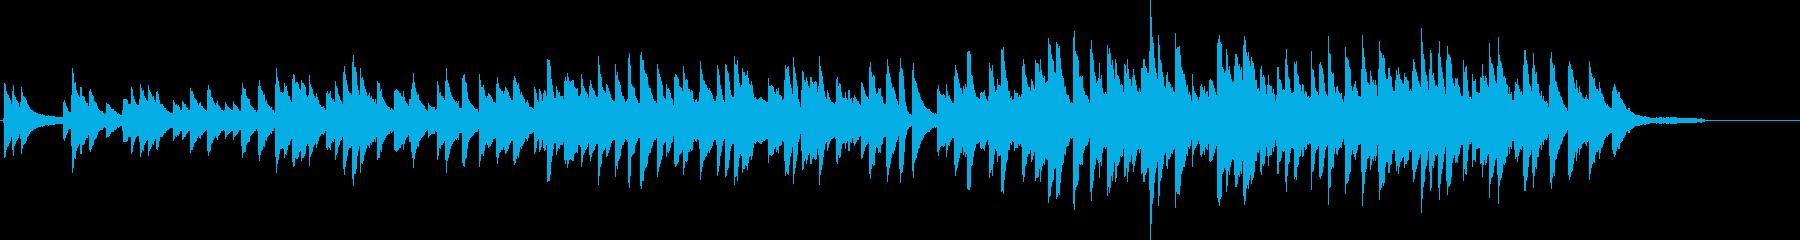 切ないピアノインストの再生済みの波形